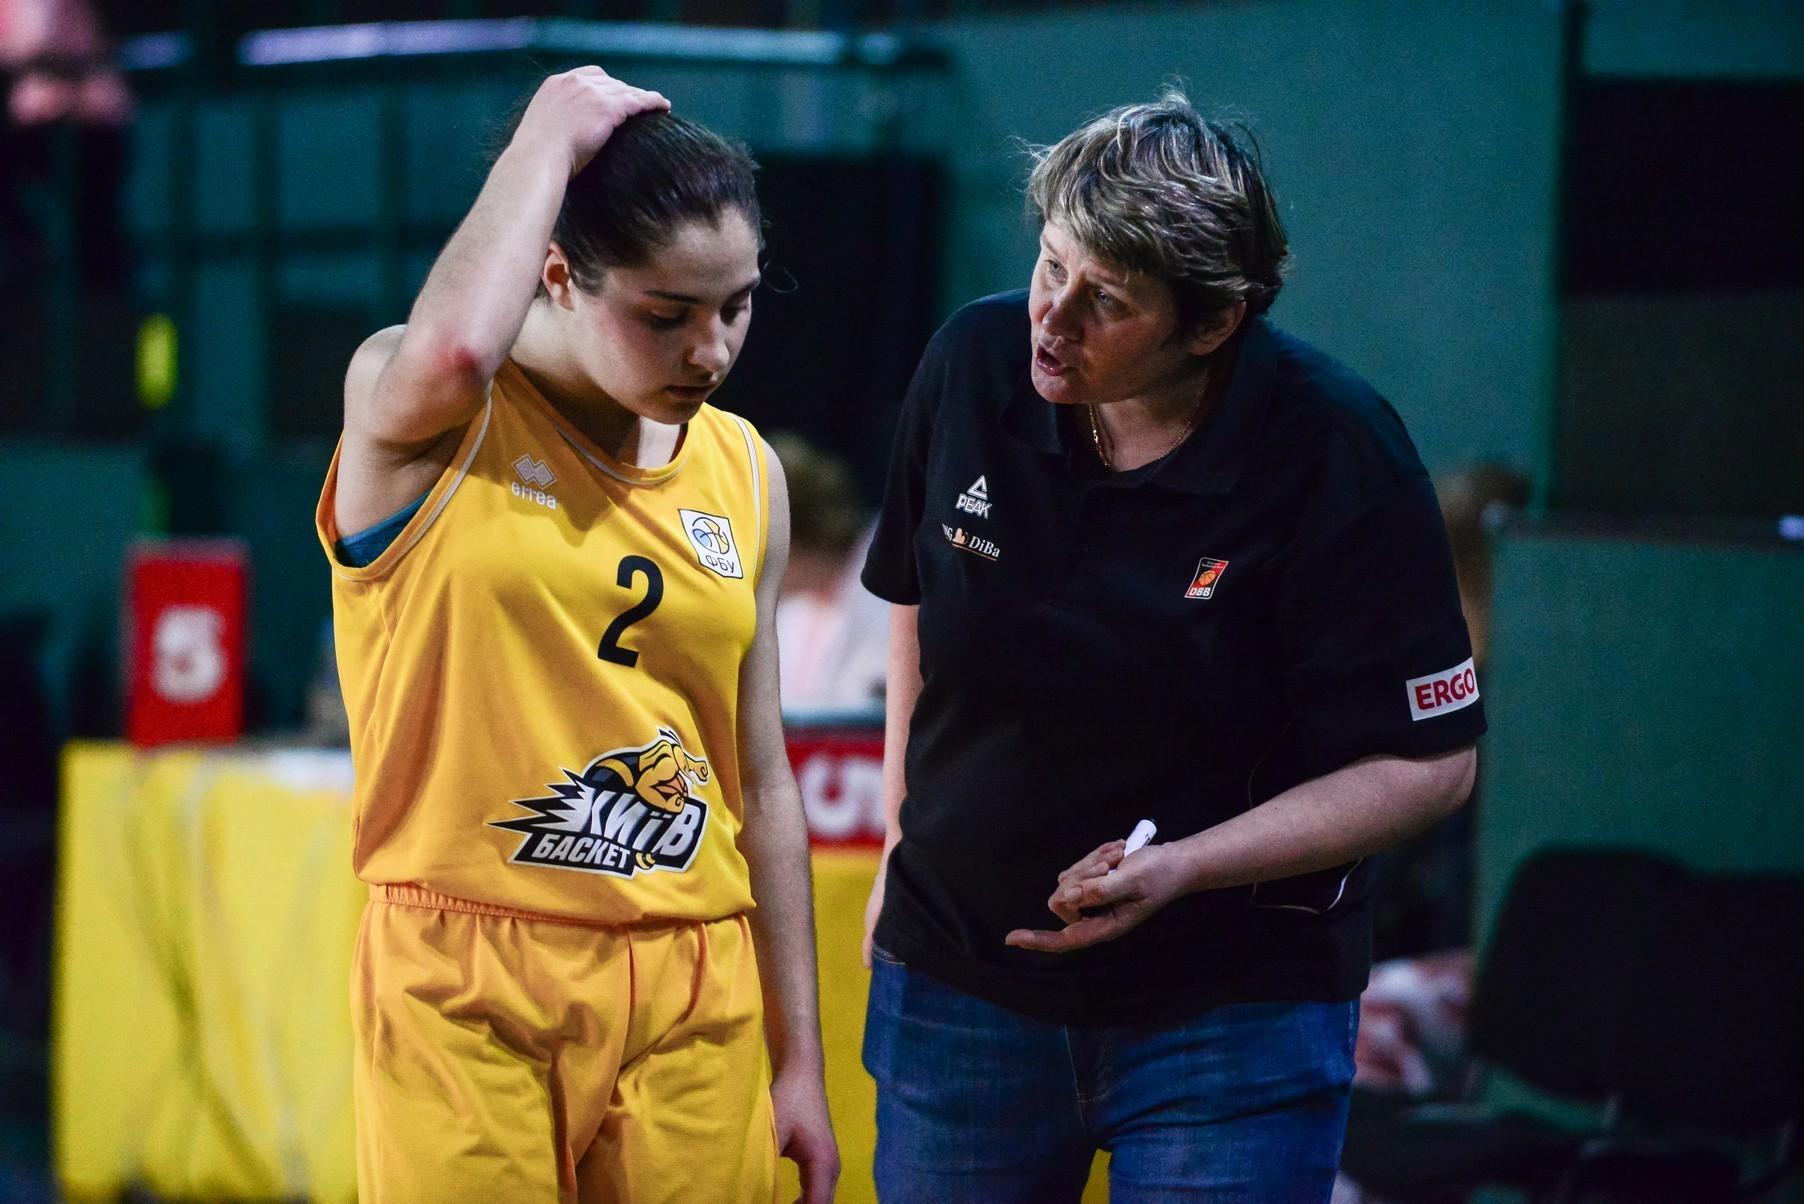 Олена Федченко: ключовою у фінальному турі вважаю гру з Дніпром